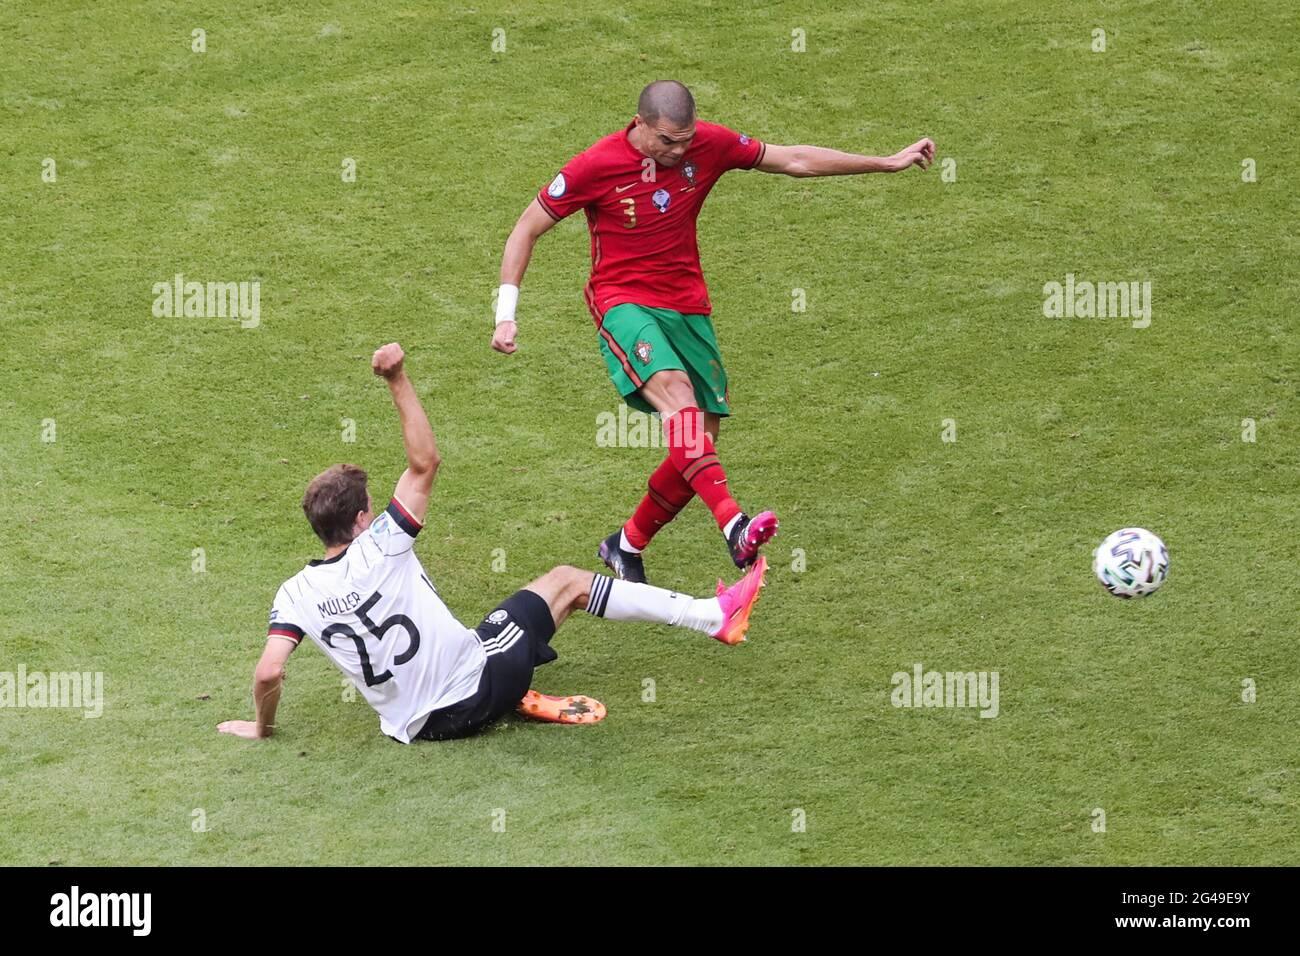 Munich, Allemagne. 19 juin 2021. Pepe (en haut) du Portugal rivalise avec Thomas Mueller d'Allemagne lors du match de l'UEFA Euro 2020 Championship Group F à Munich, en Allemagne, le 19 juin 2021. Credit: Shan Yuqi/Xinhua/Alay Live News Banque D'Images